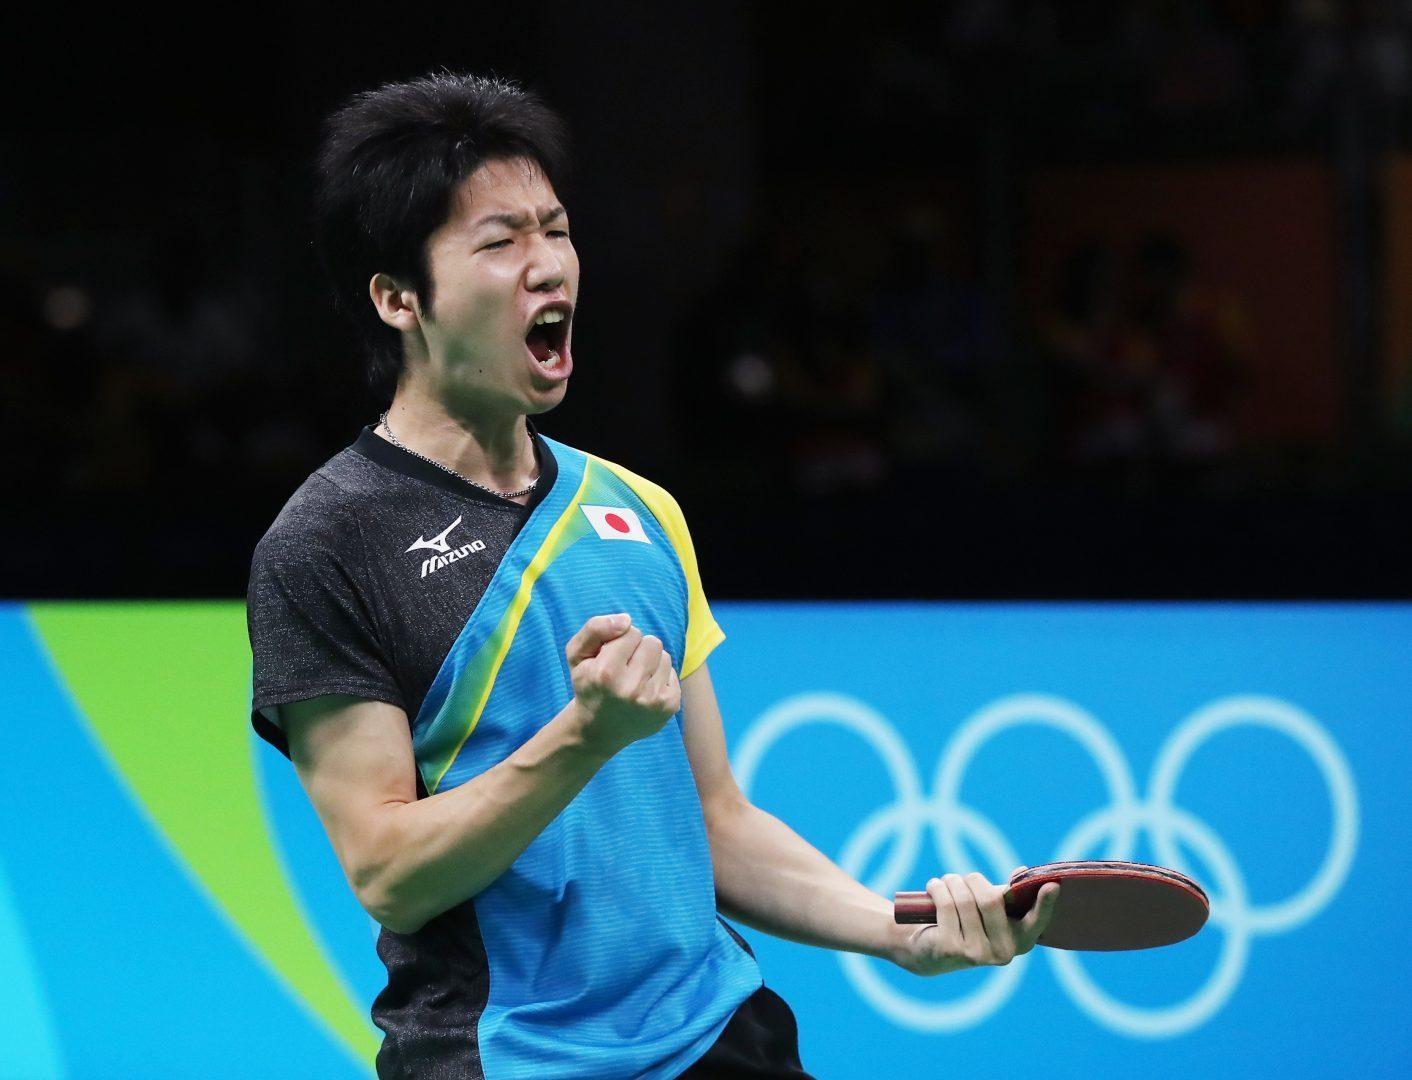 東京五輪チケット第2次抽選販売の申込開始!卓球競技、狙い目の席は?